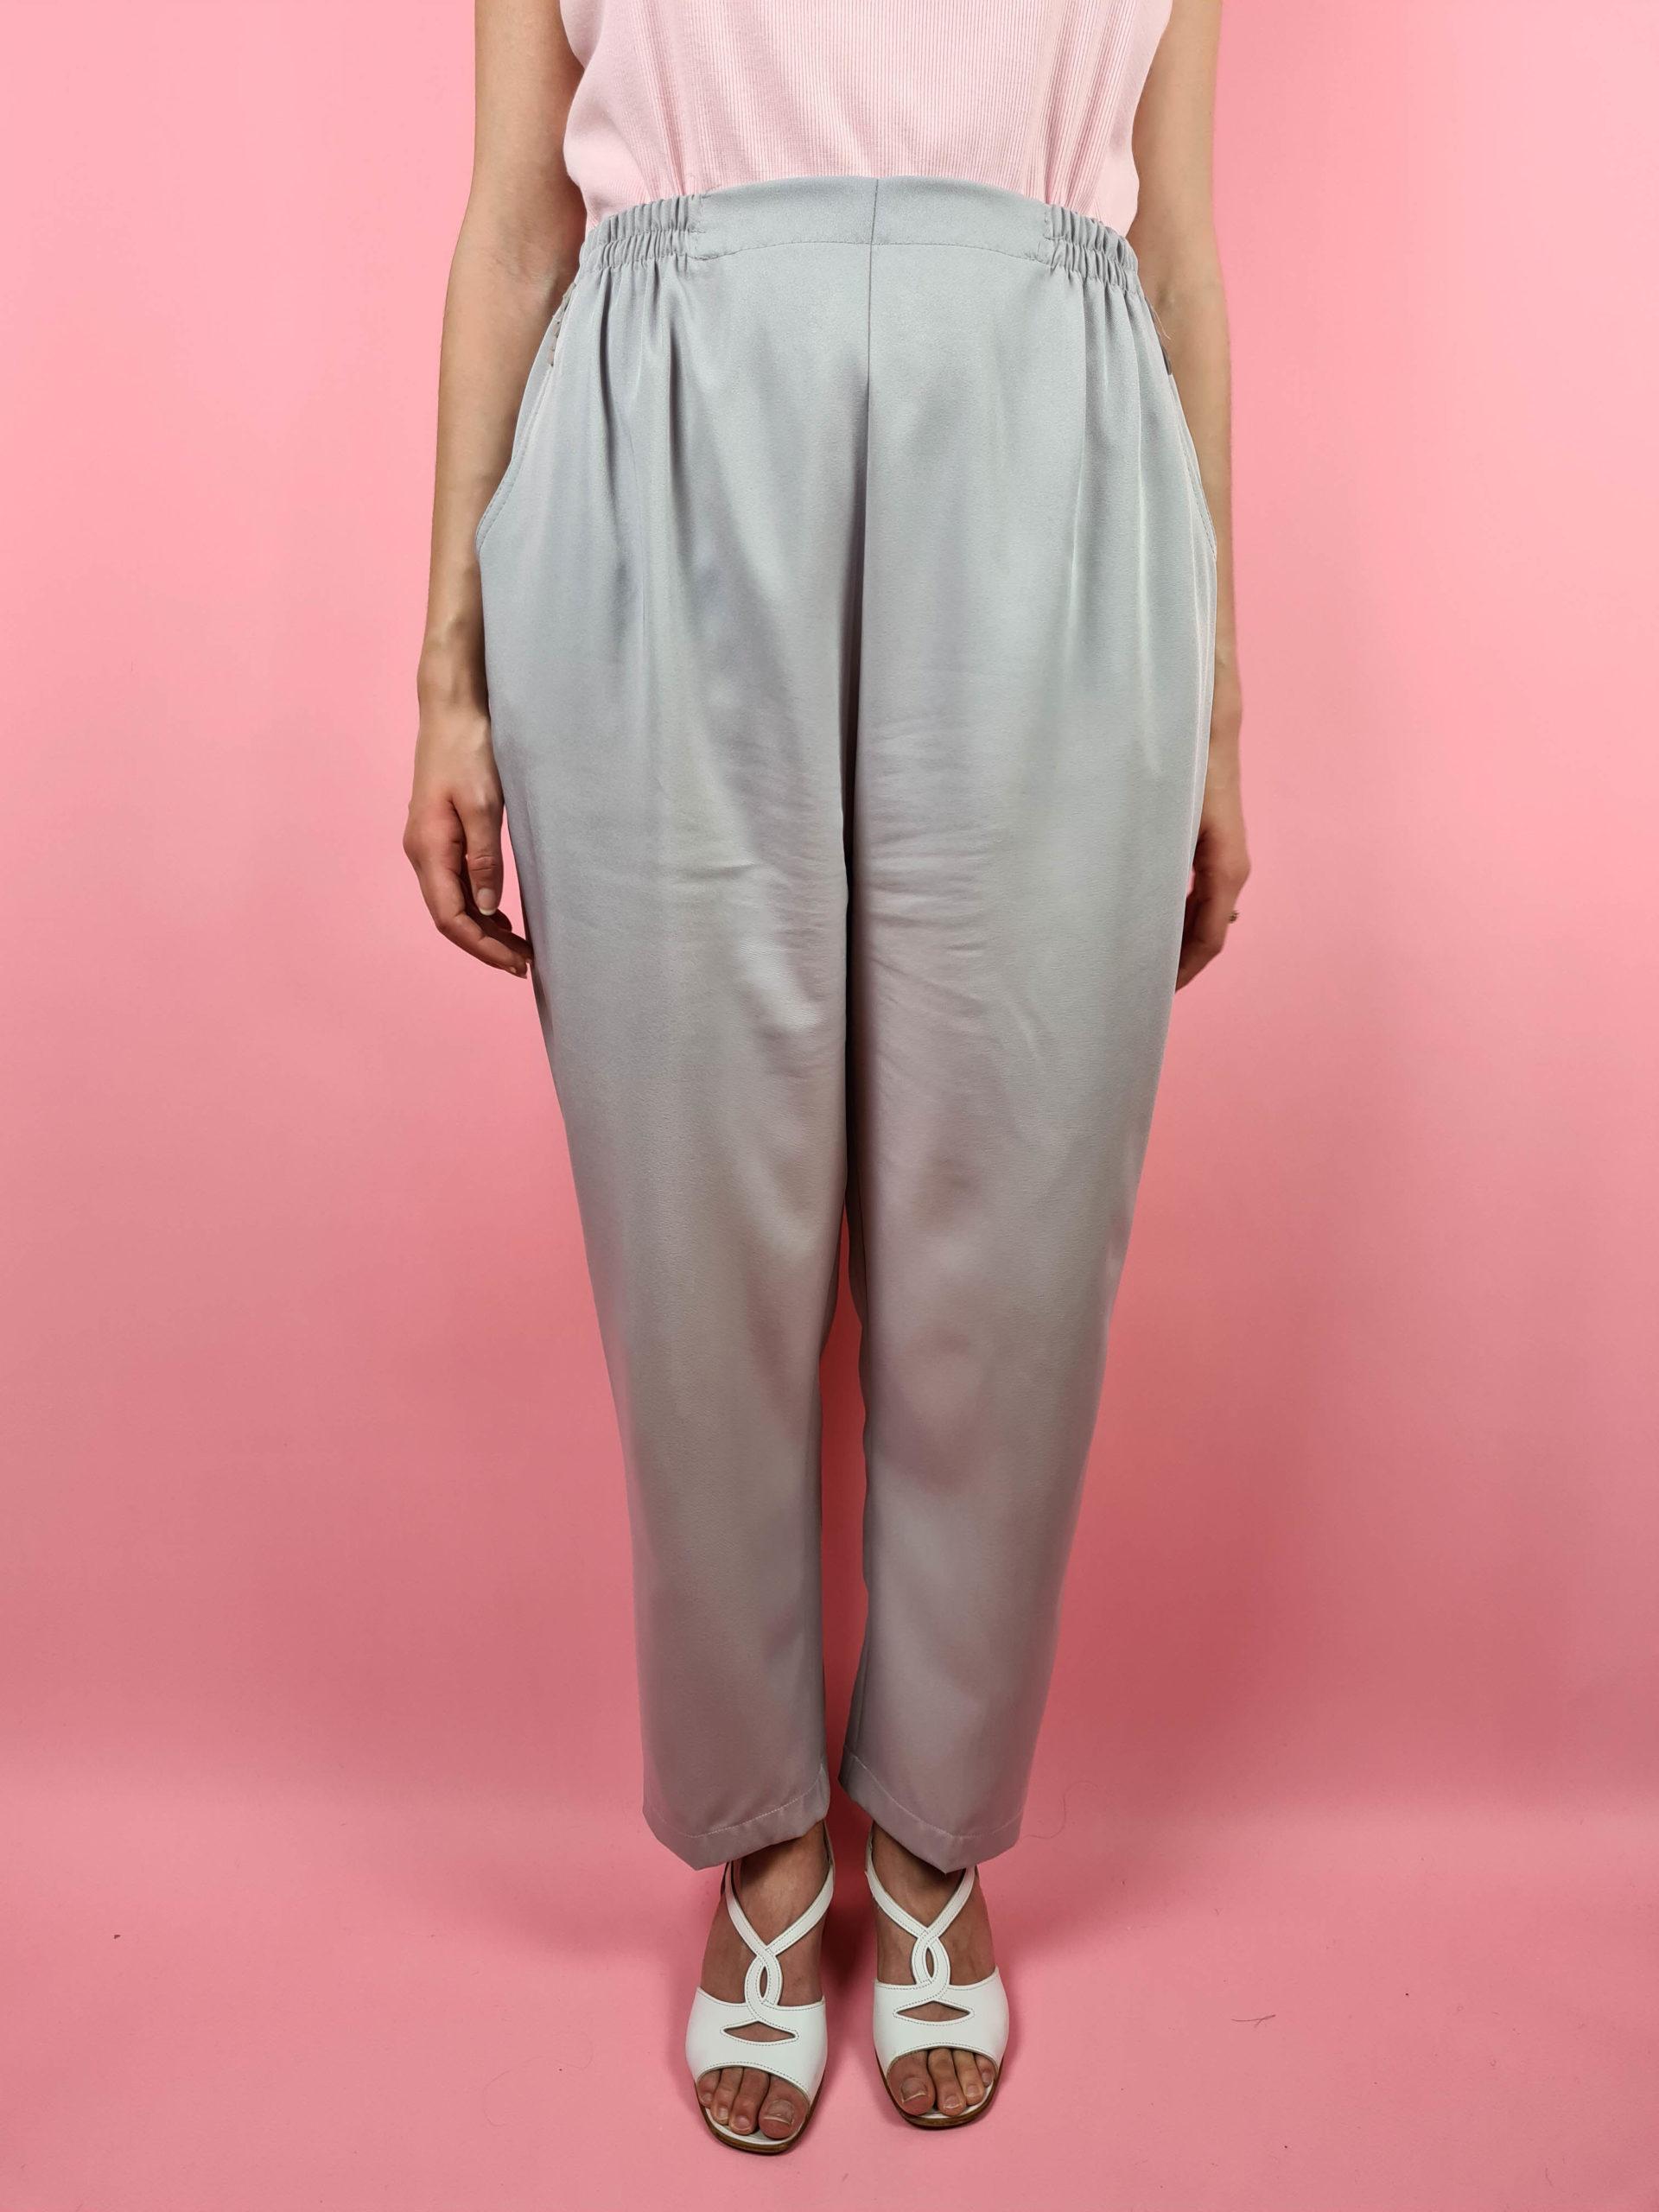 pantalon à pince lilas taille haute (9)